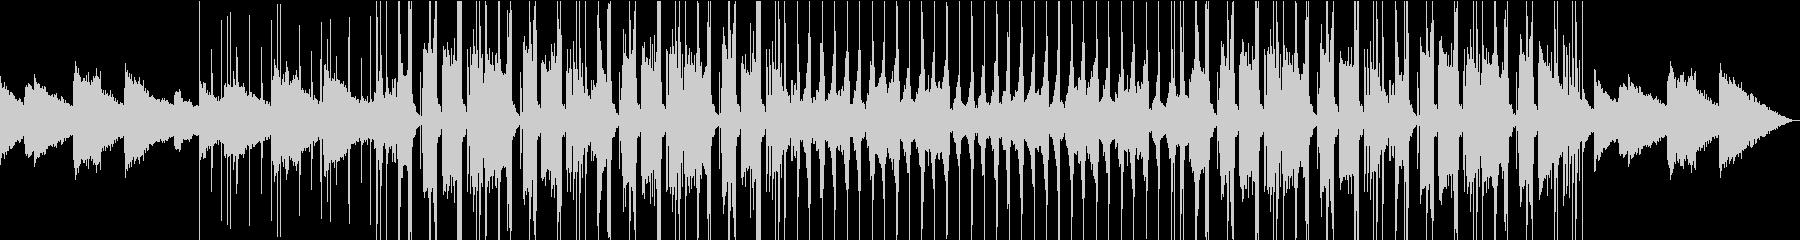 Lo-Fi・綺麗なチルヒップホップの未再生の波形